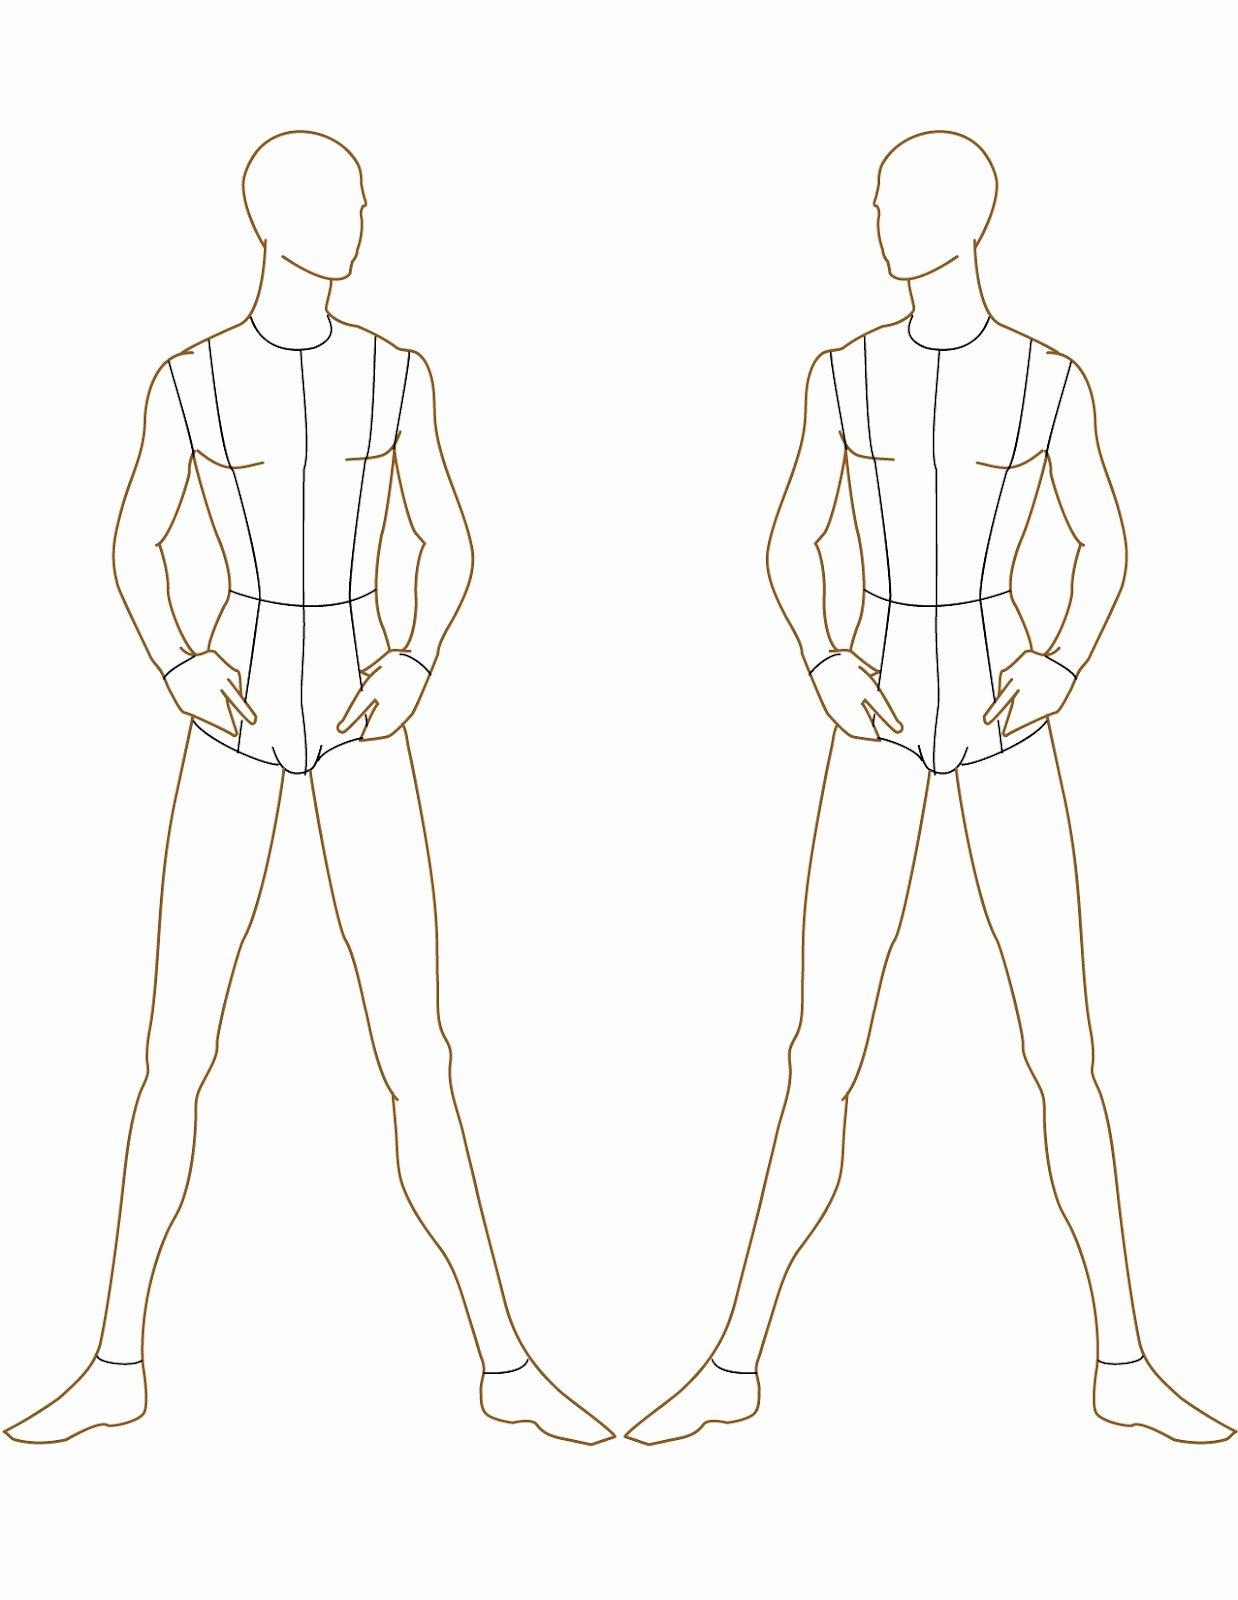 Costume Design Template Male New Fashion Studio Fashion Templates